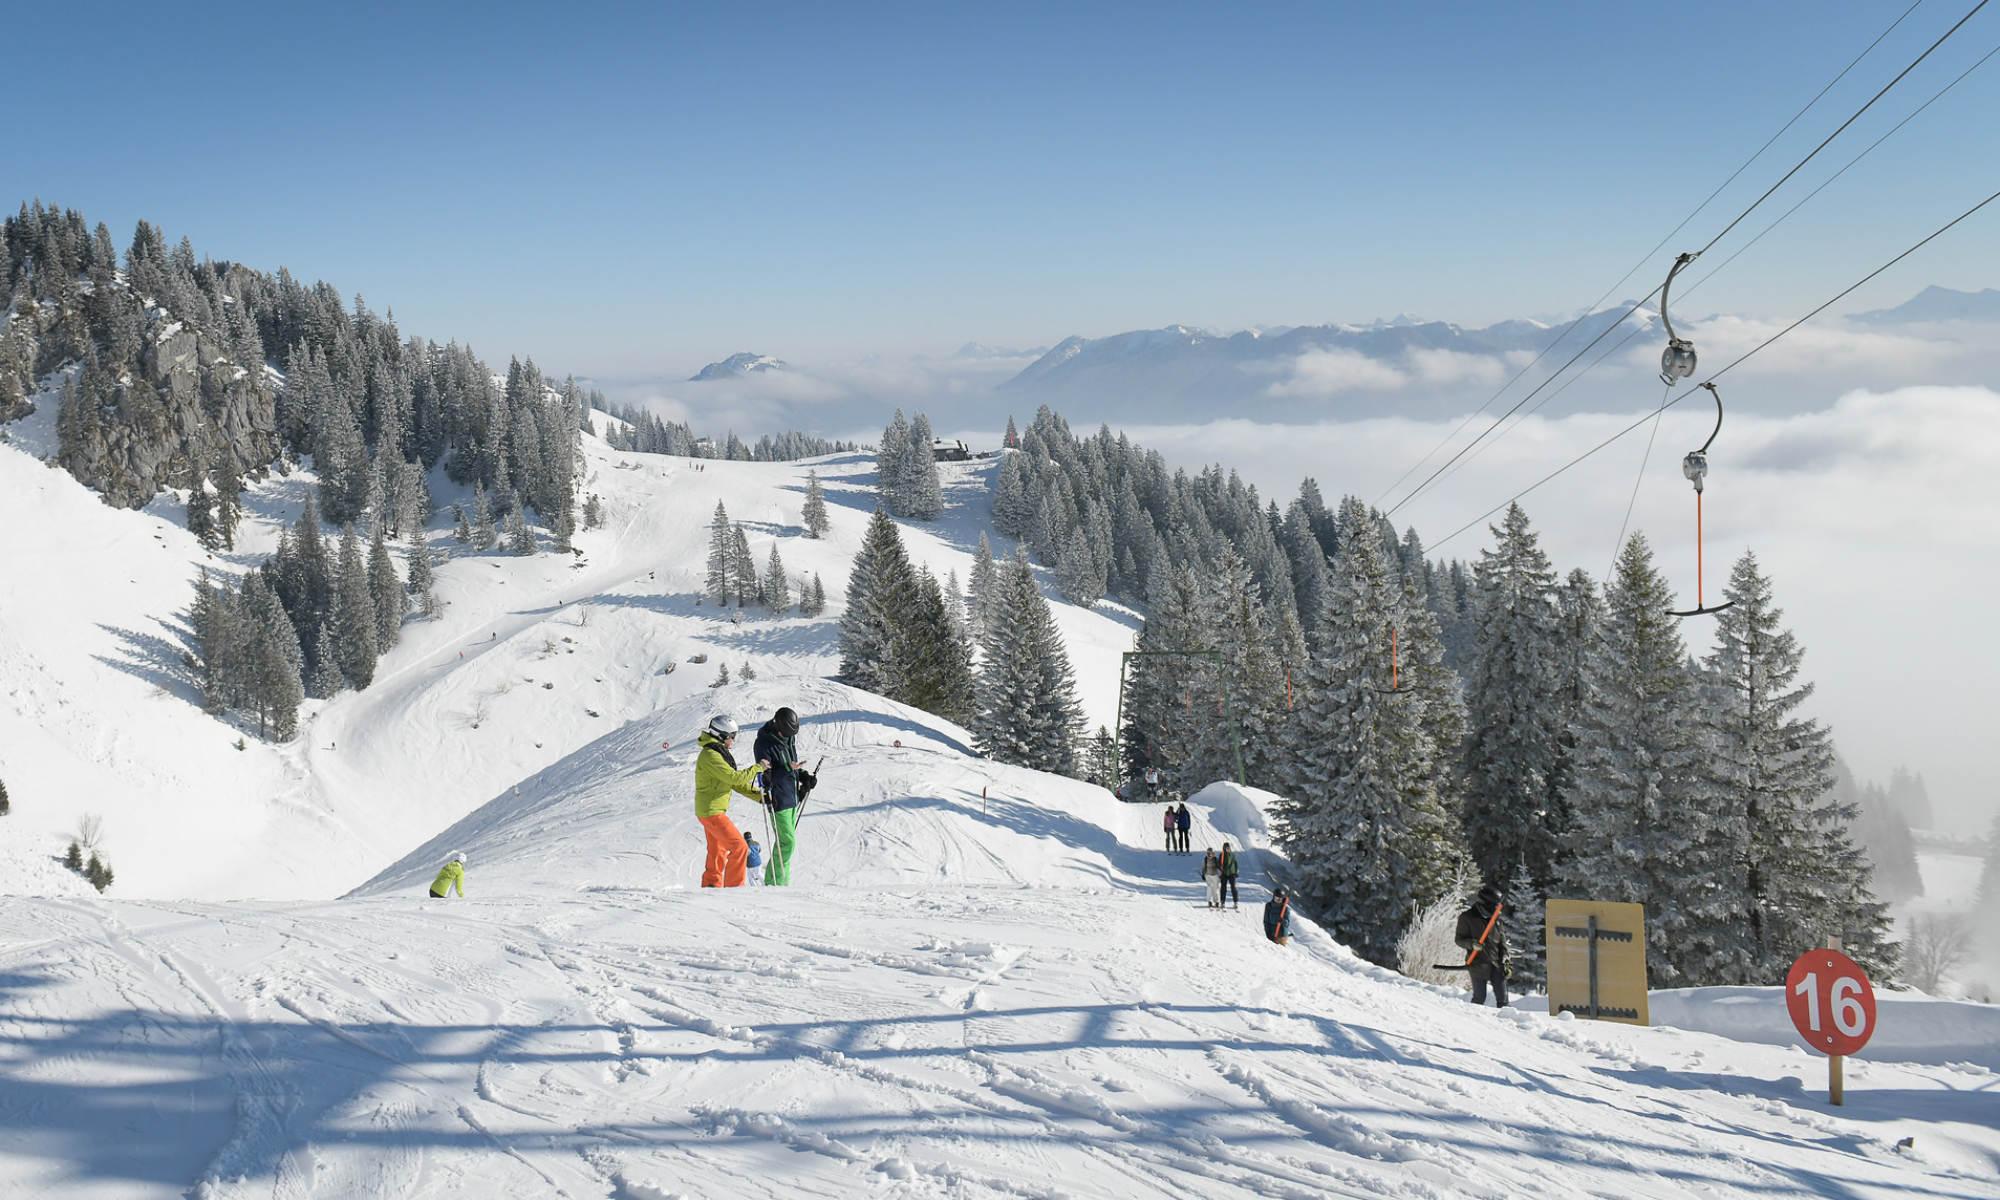 2 Skifahrer auf einer anfängerfreundlichen Piste am Skiberg Brauneck.